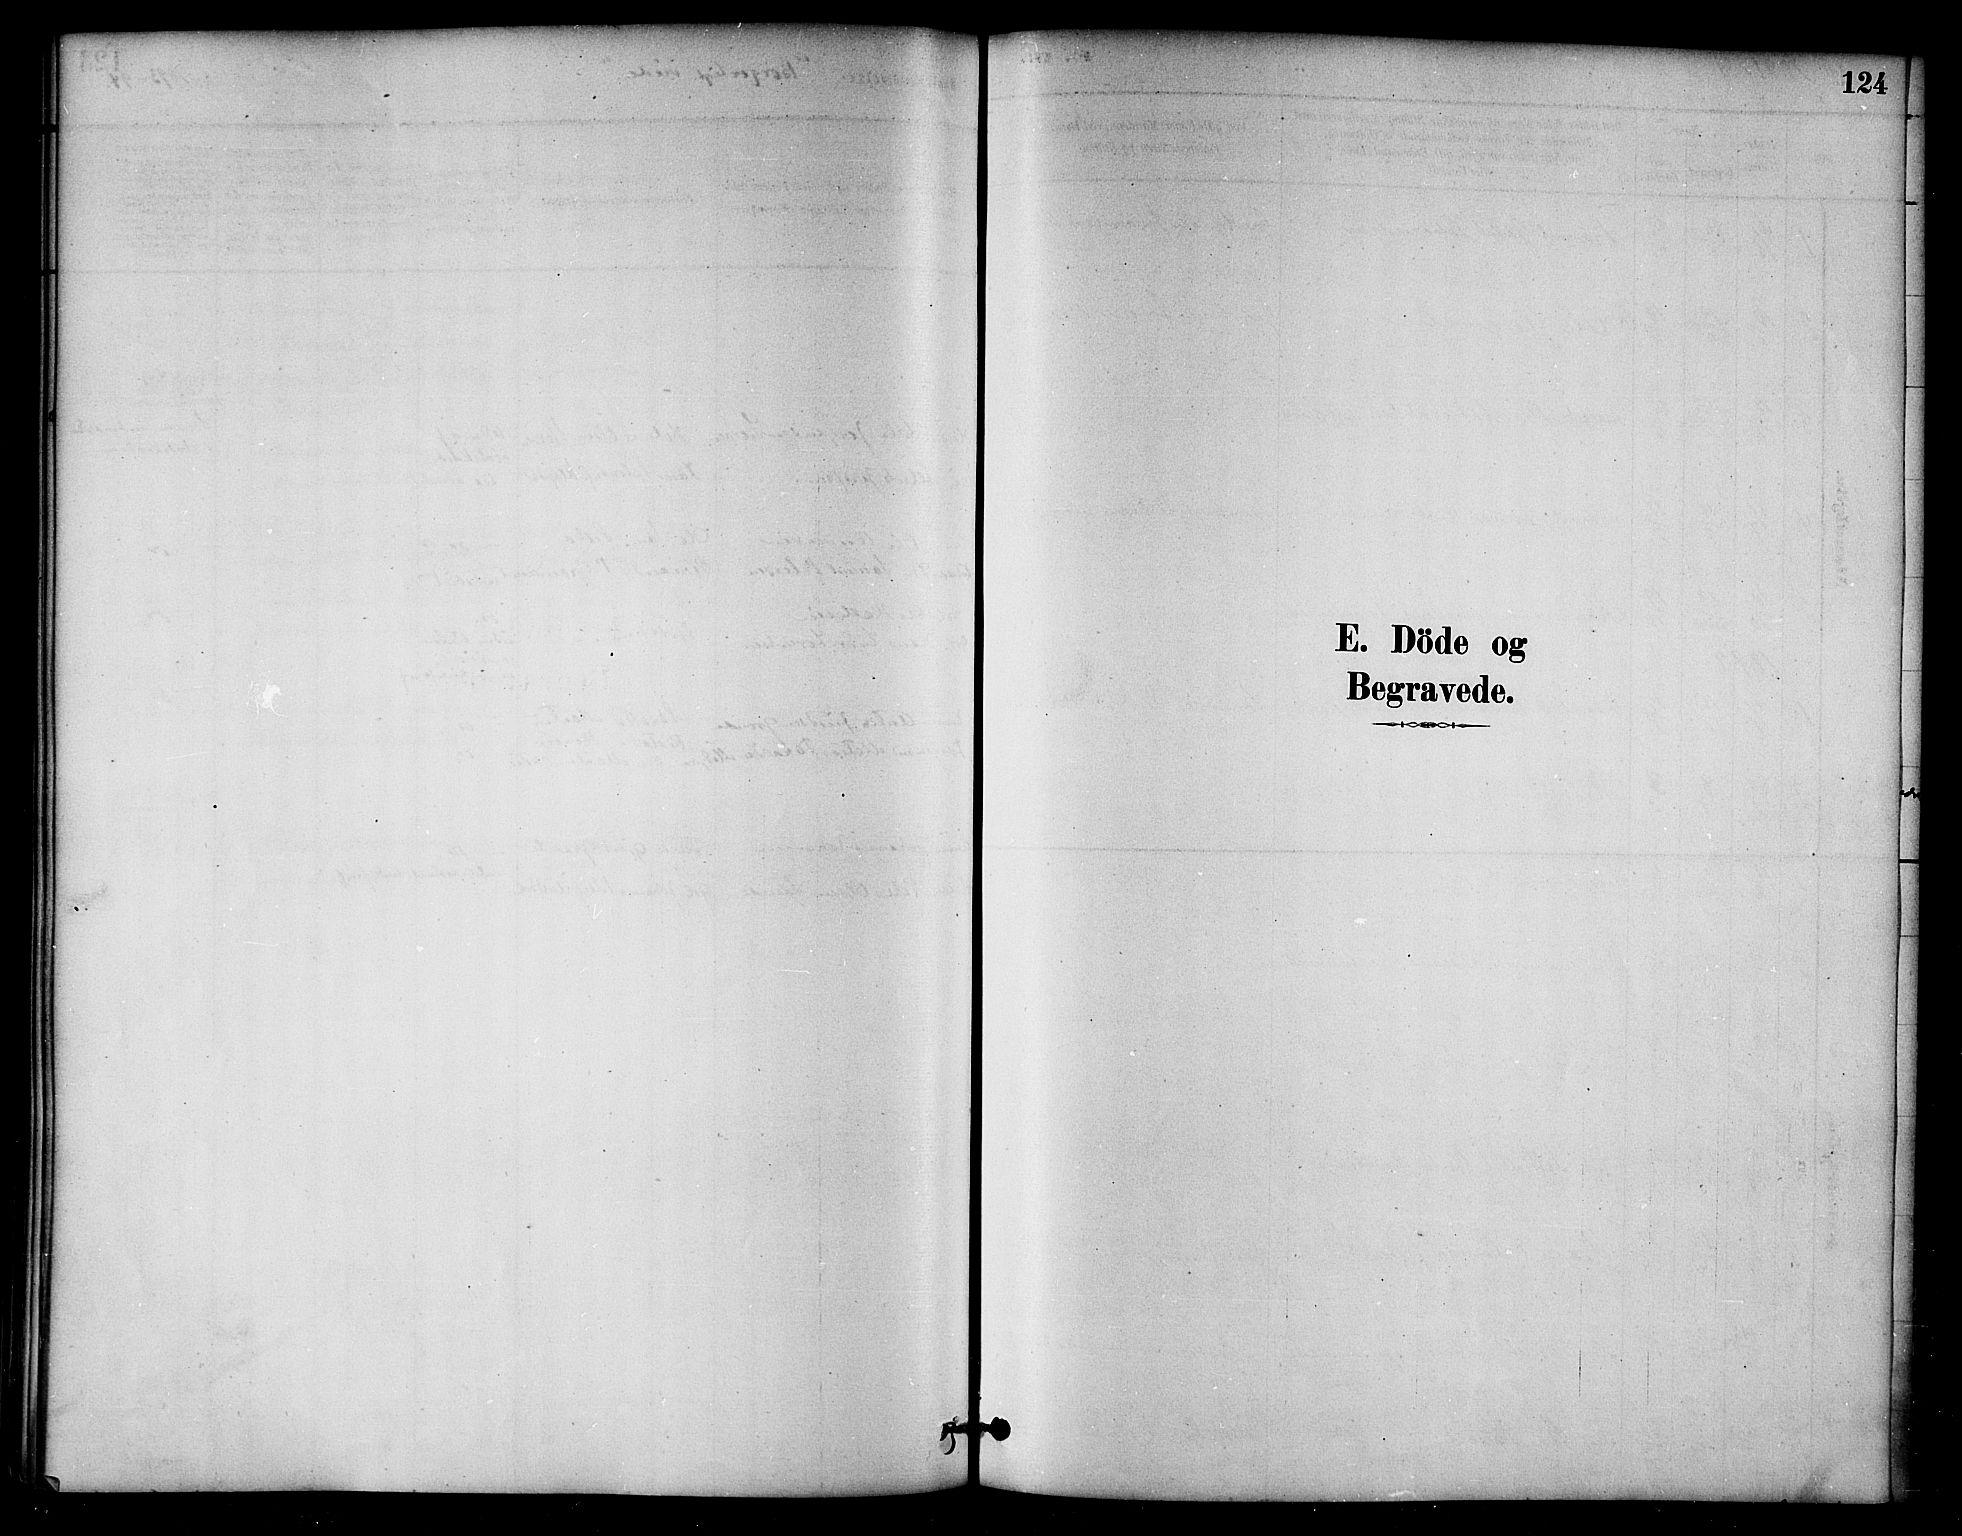 SAT, Ministerialprotokoller, klokkerbøker og fødselsregistre - Nord-Trøndelag, 764/L0555: Ministerialbok nr. 764A10, 1881-1896, s. 124